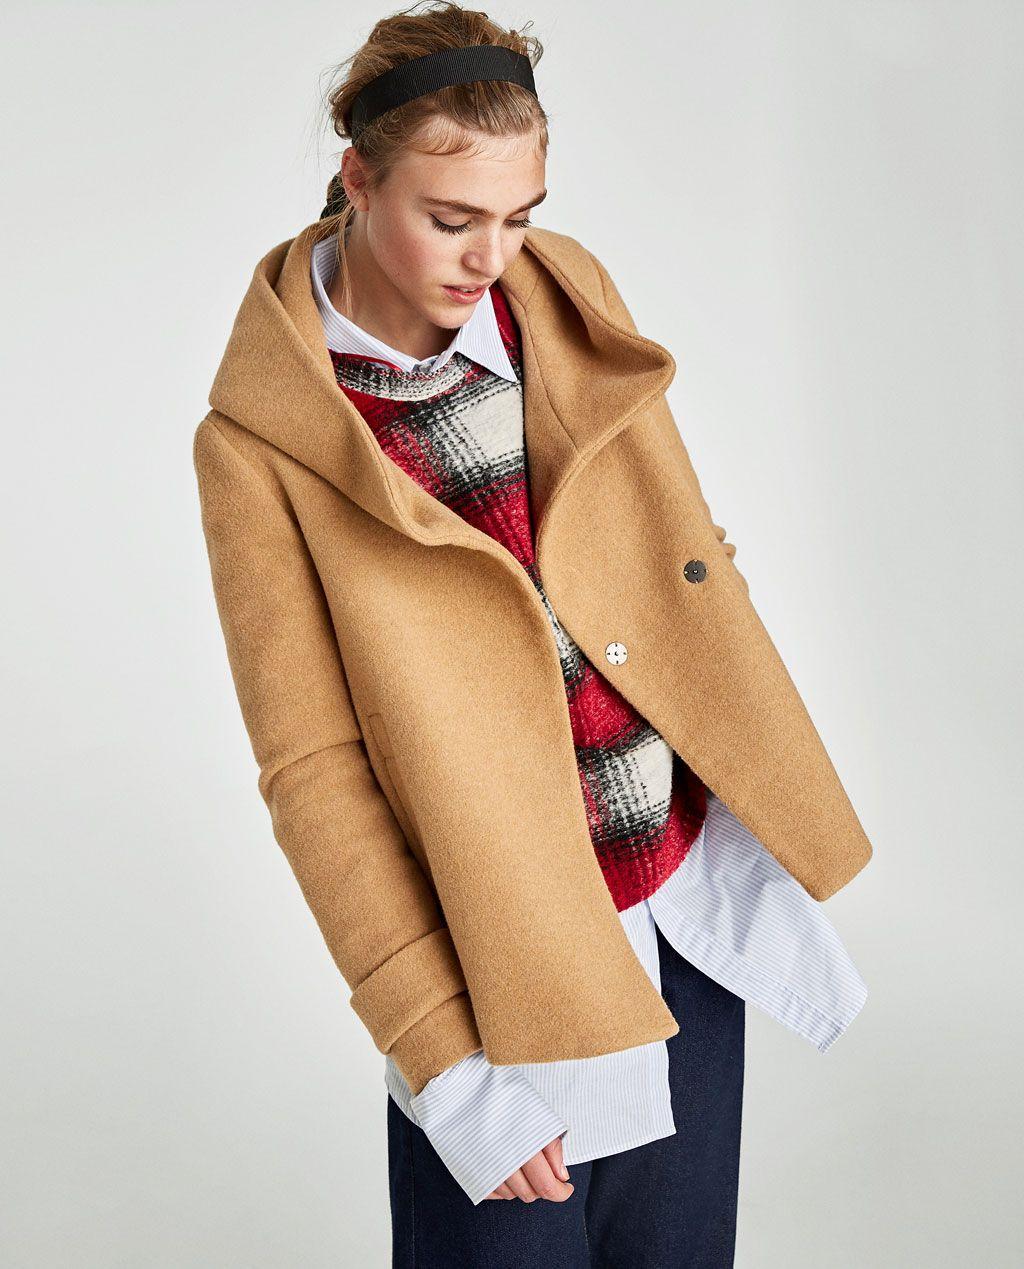 Abrigo Mujer Última Moda Semana Cuello Envolvente España Zara wrp71wq